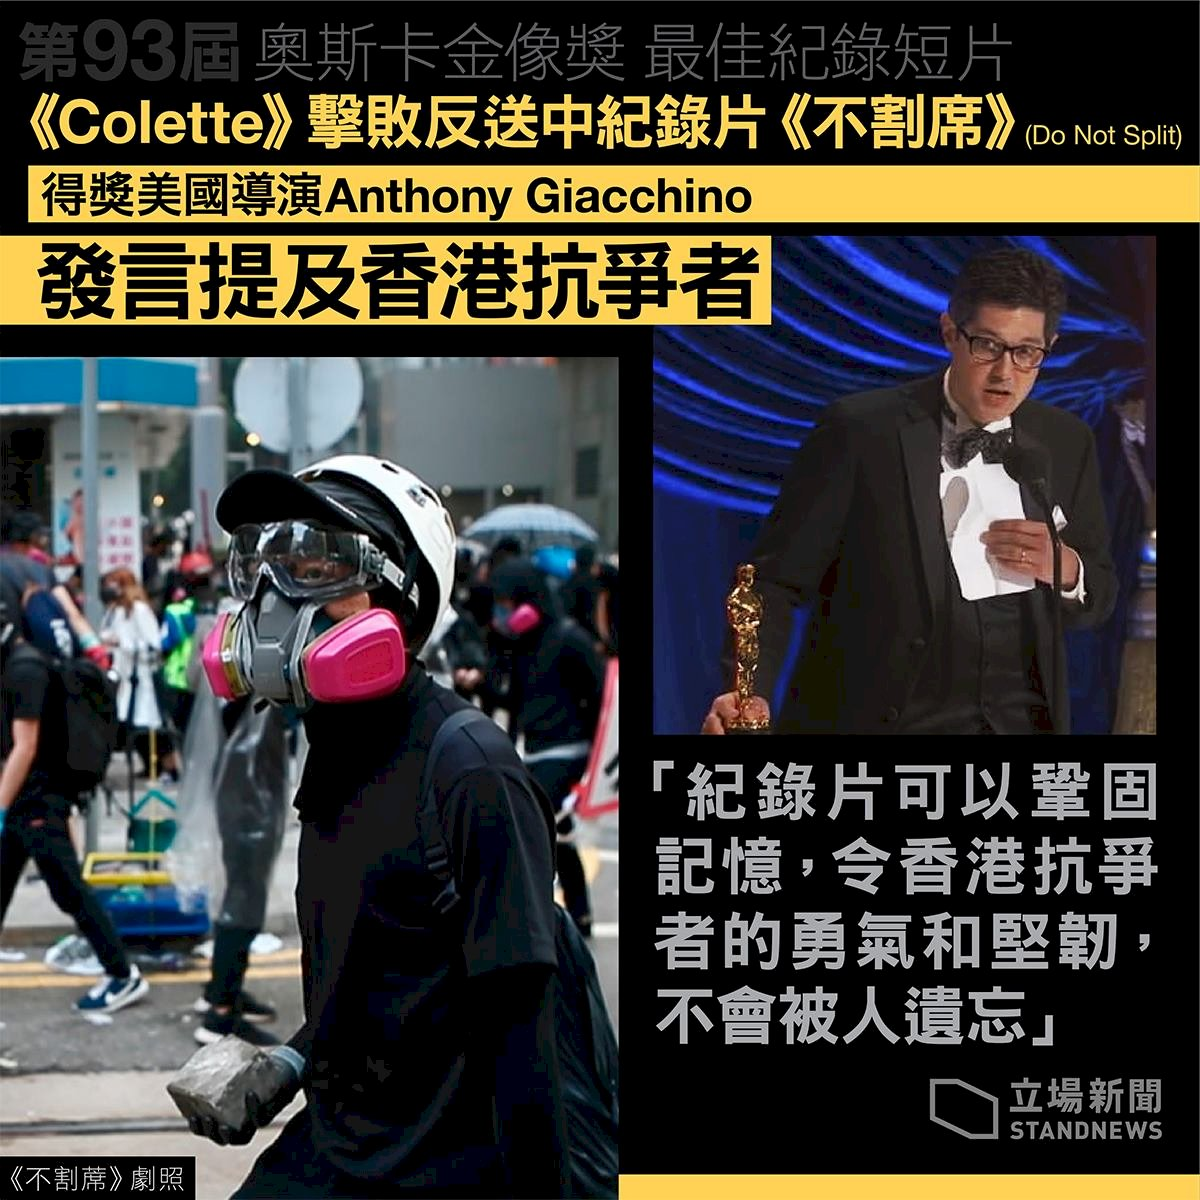 香港抗爭不會被遺忘!奧斯卡紀錄片得主這樣説